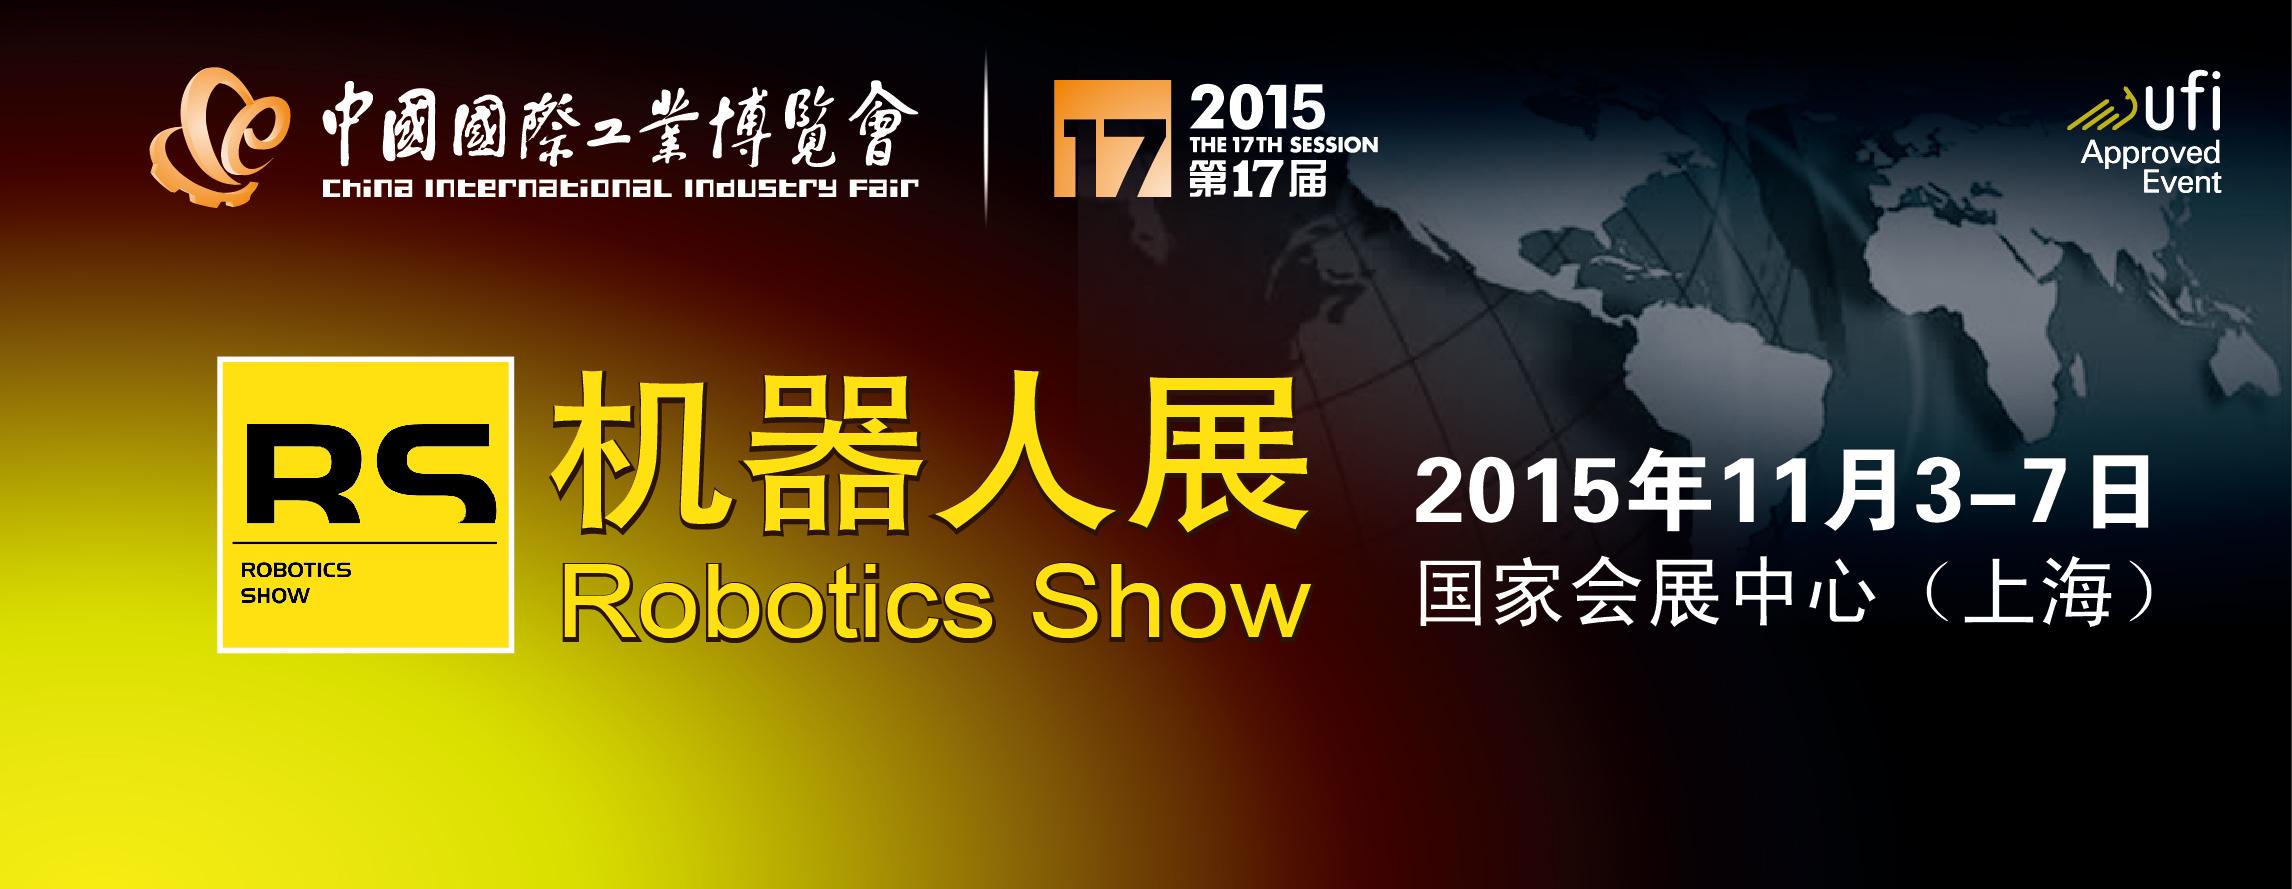 2015第十七届中国国际工业博览会机器人展